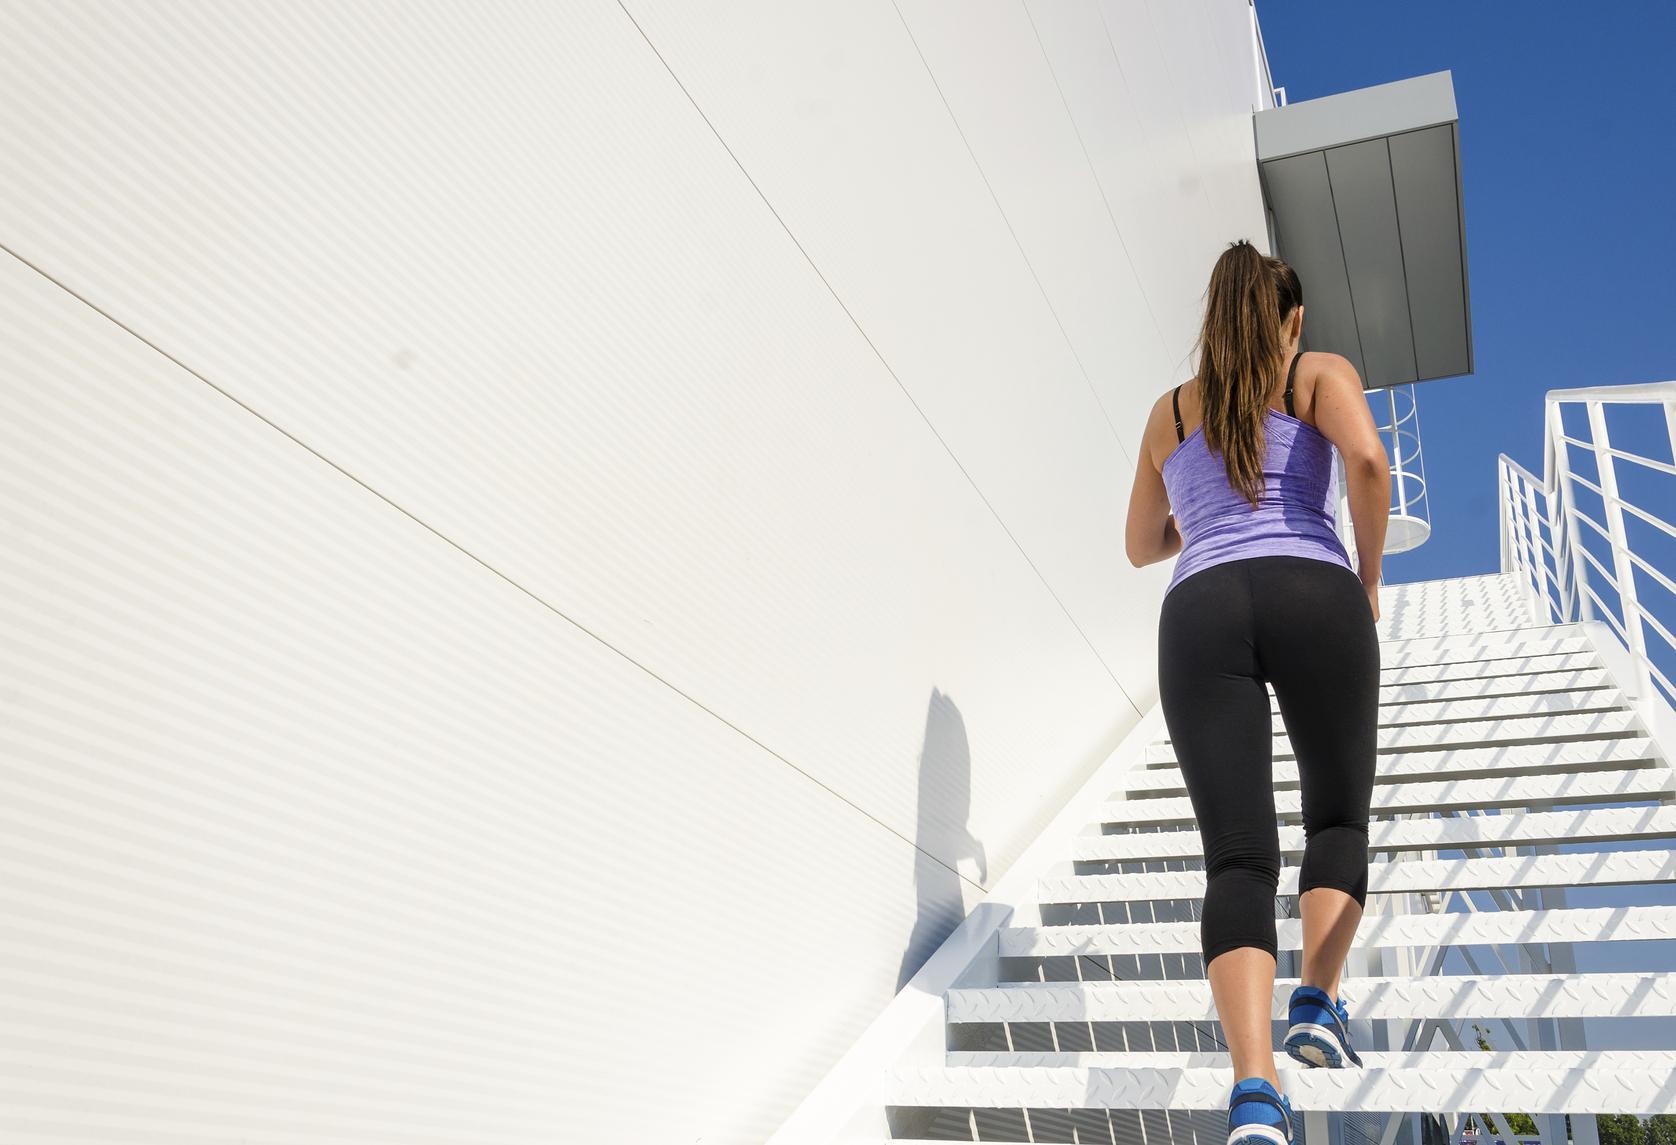 Mujer subiendo unas escaleras